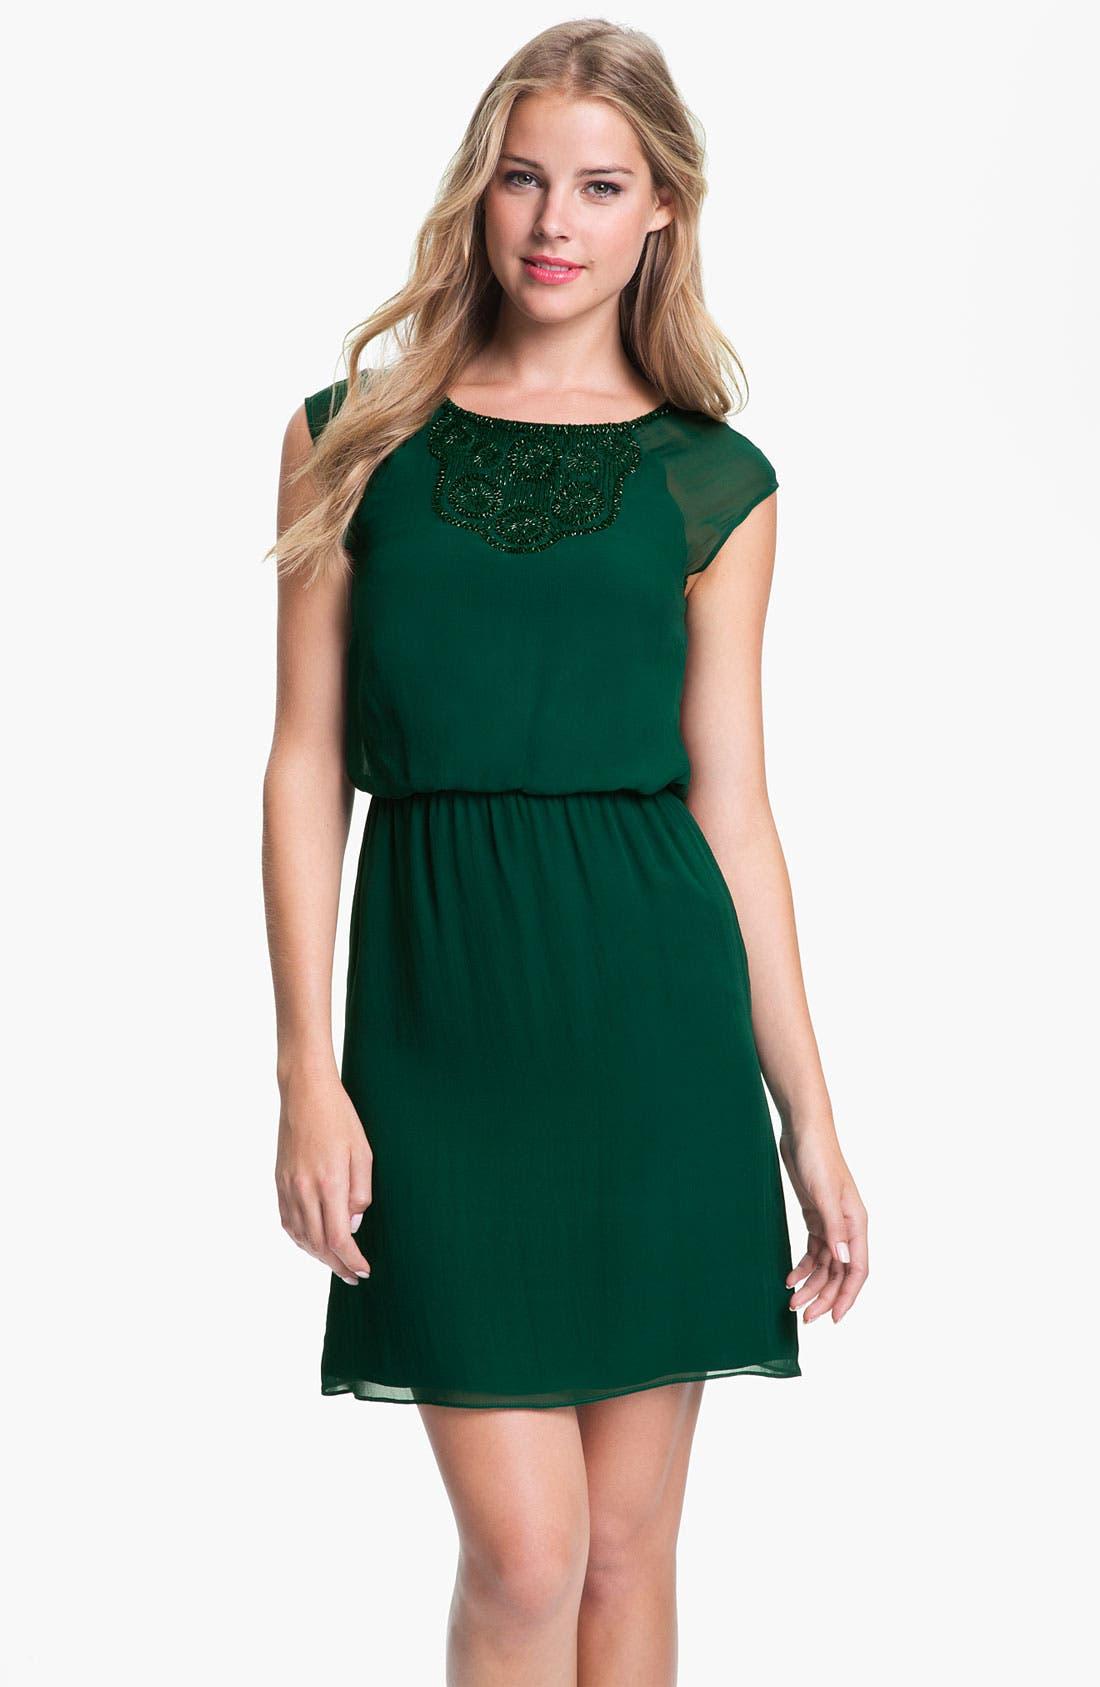 Main Image - Trina Turk 'Countess' Beaded Shift Dress